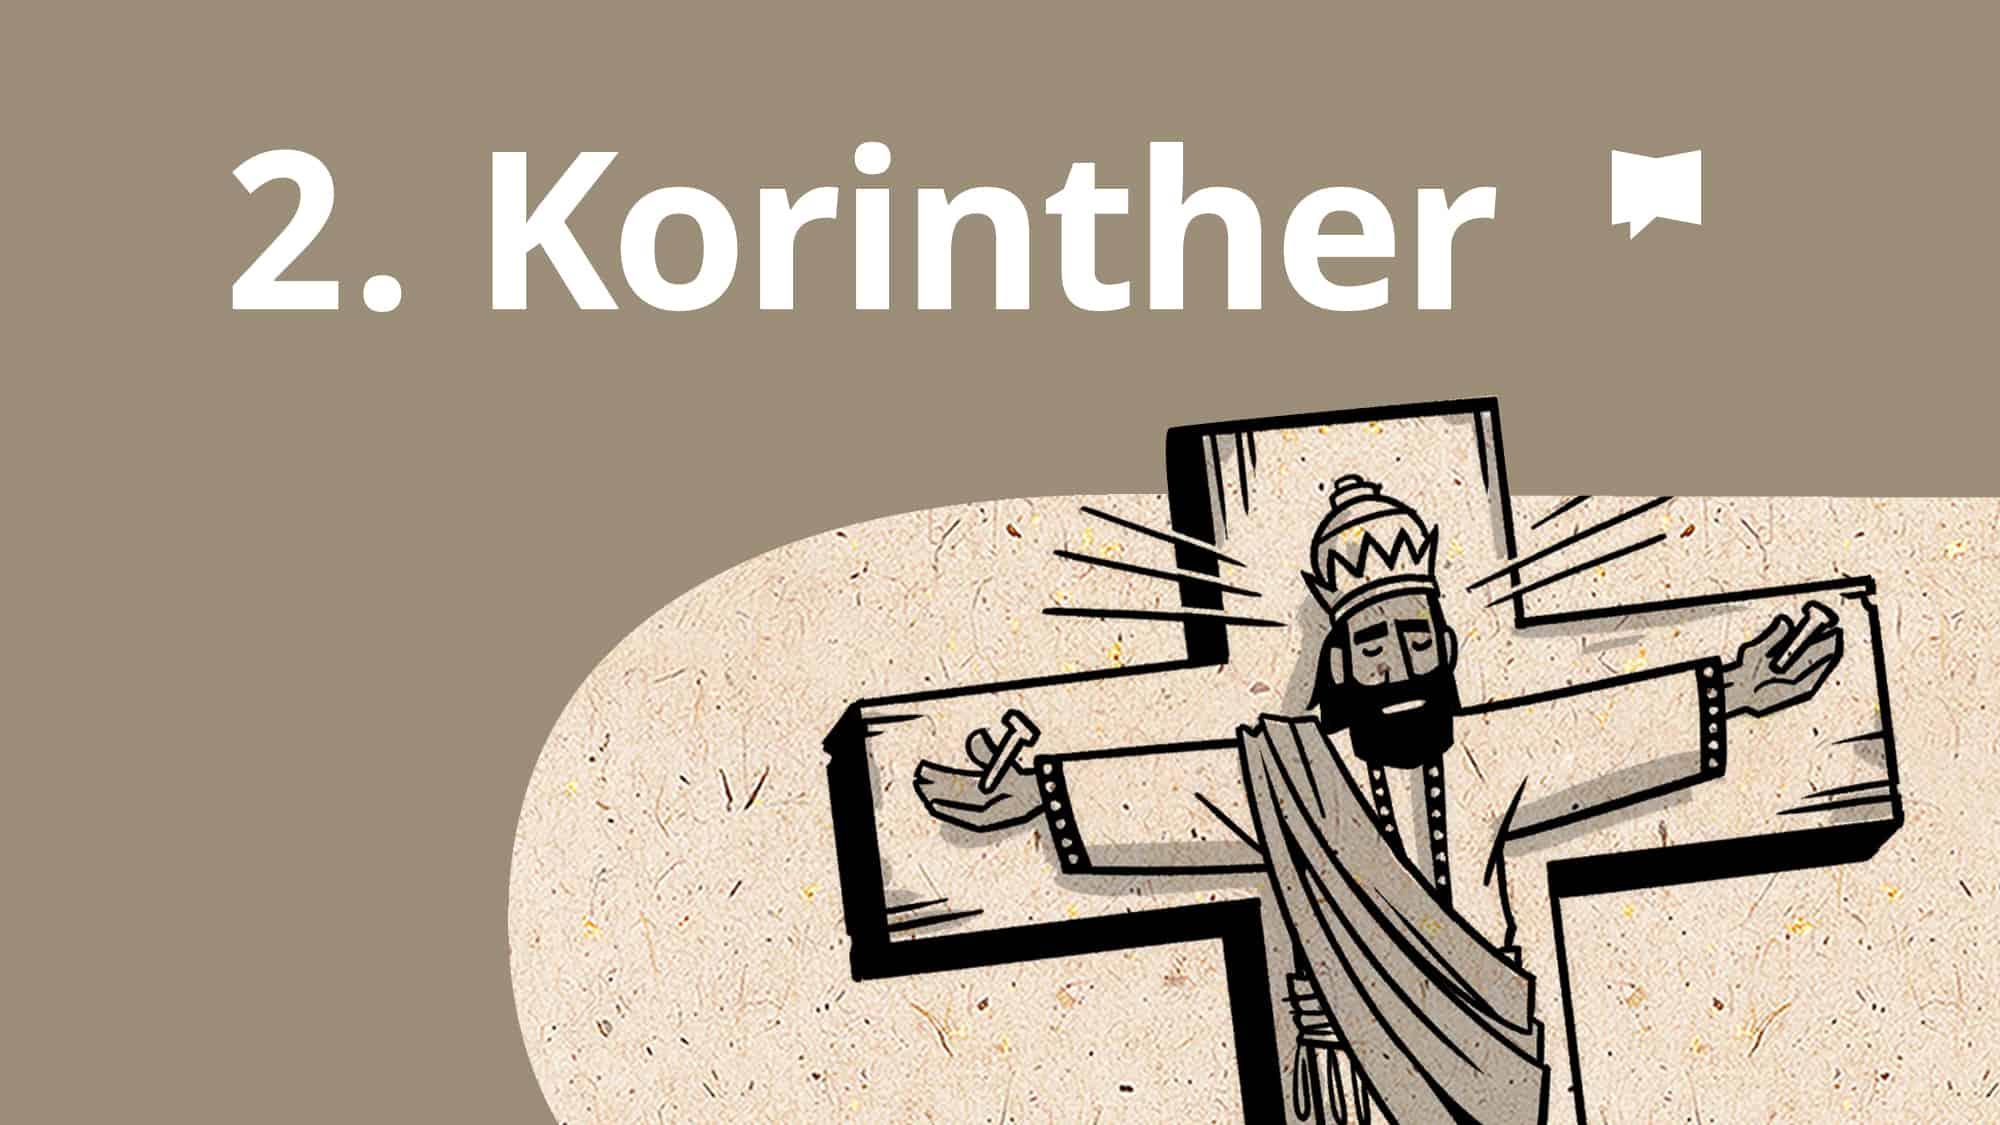 Korinther